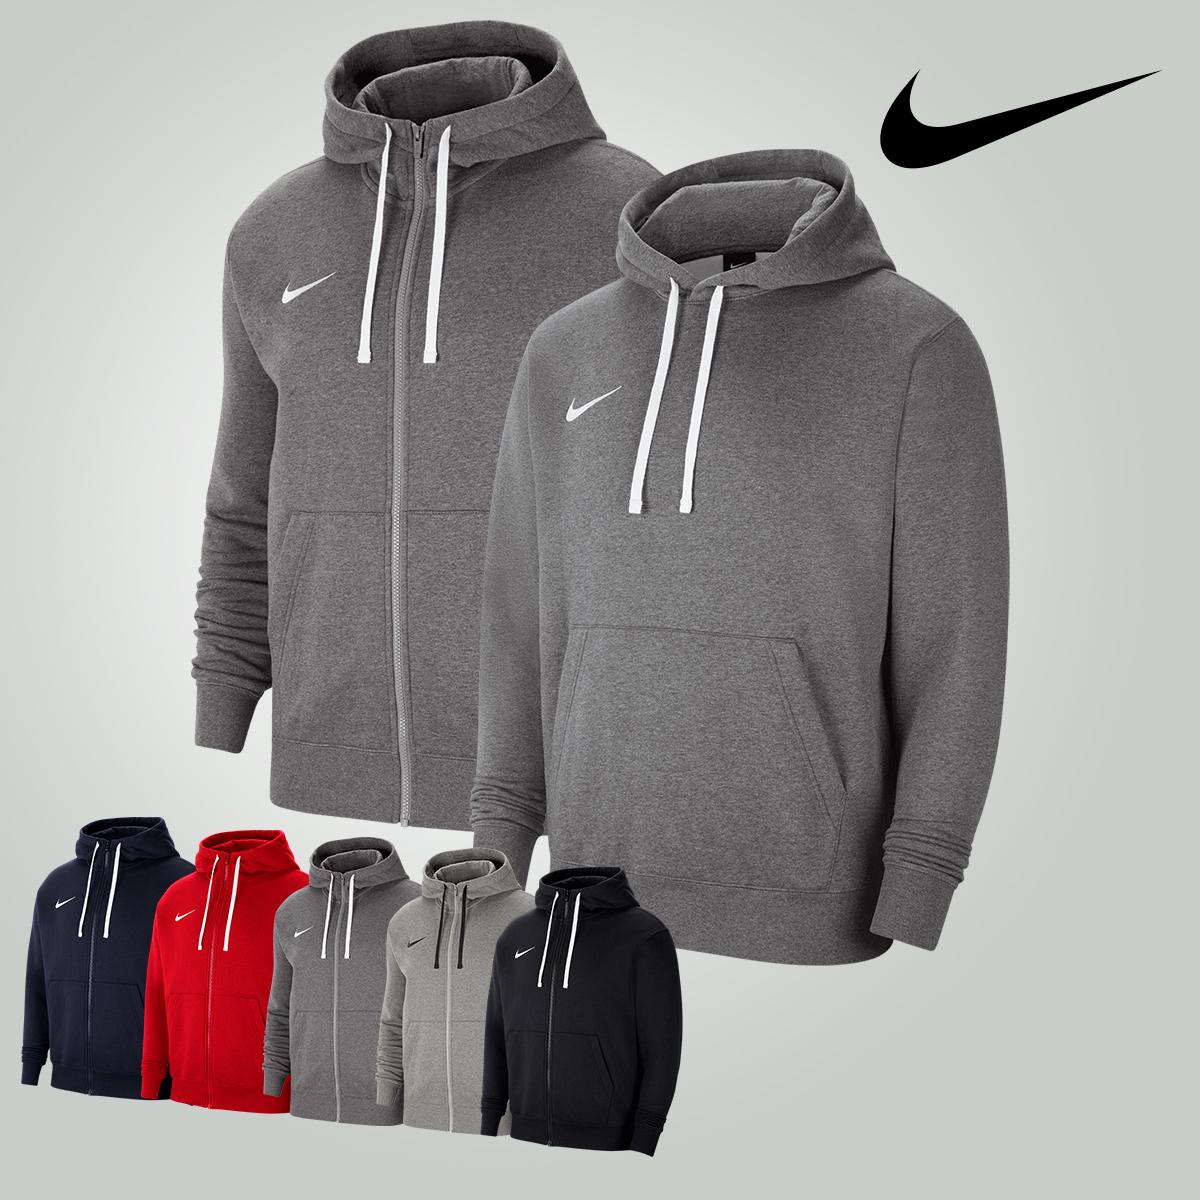 Lot de 2 Sweats Nike Park 20 : 1 veste à capuche + 1 sweat à capuche pour Hommes - 4 couleurs - Tailles du S au 3XL